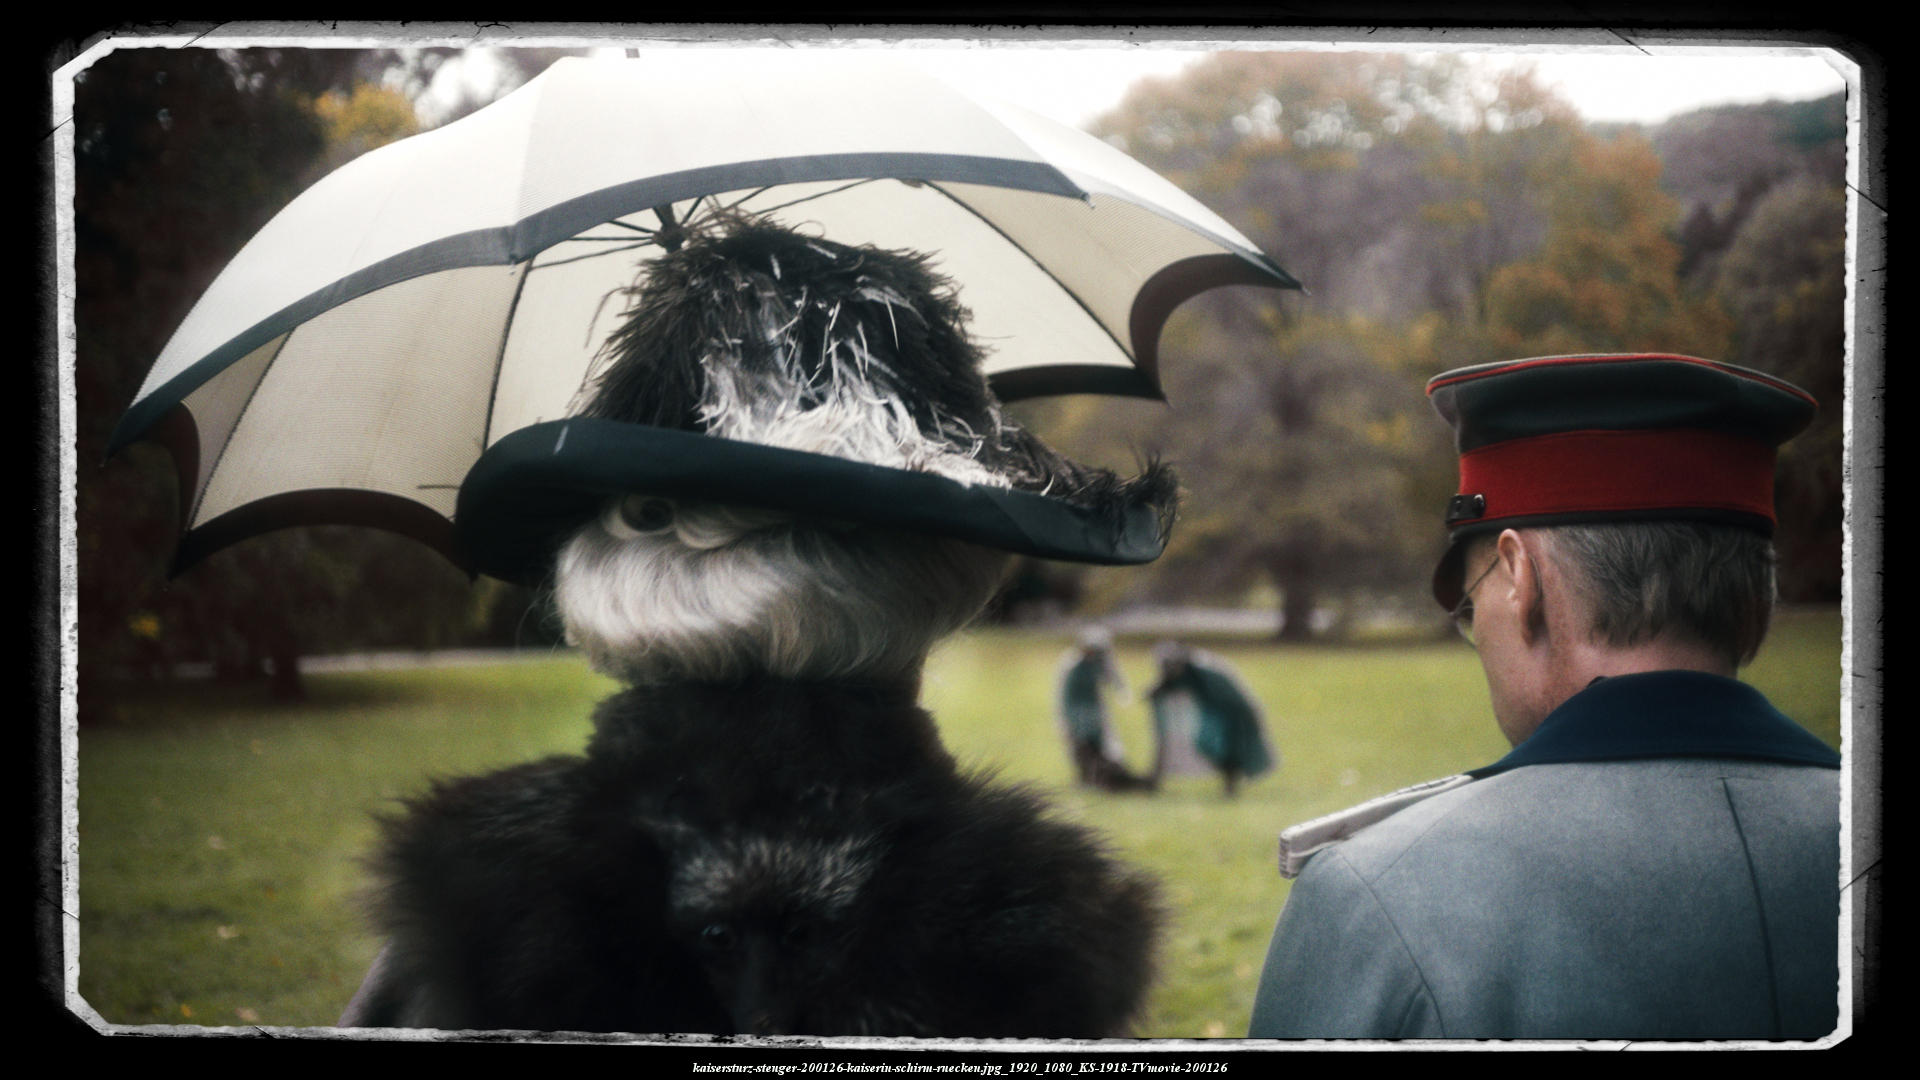 Kaiserin Auguste spaziert mit ihrem Berater Friedrich von Berg durch den Svhlosspark